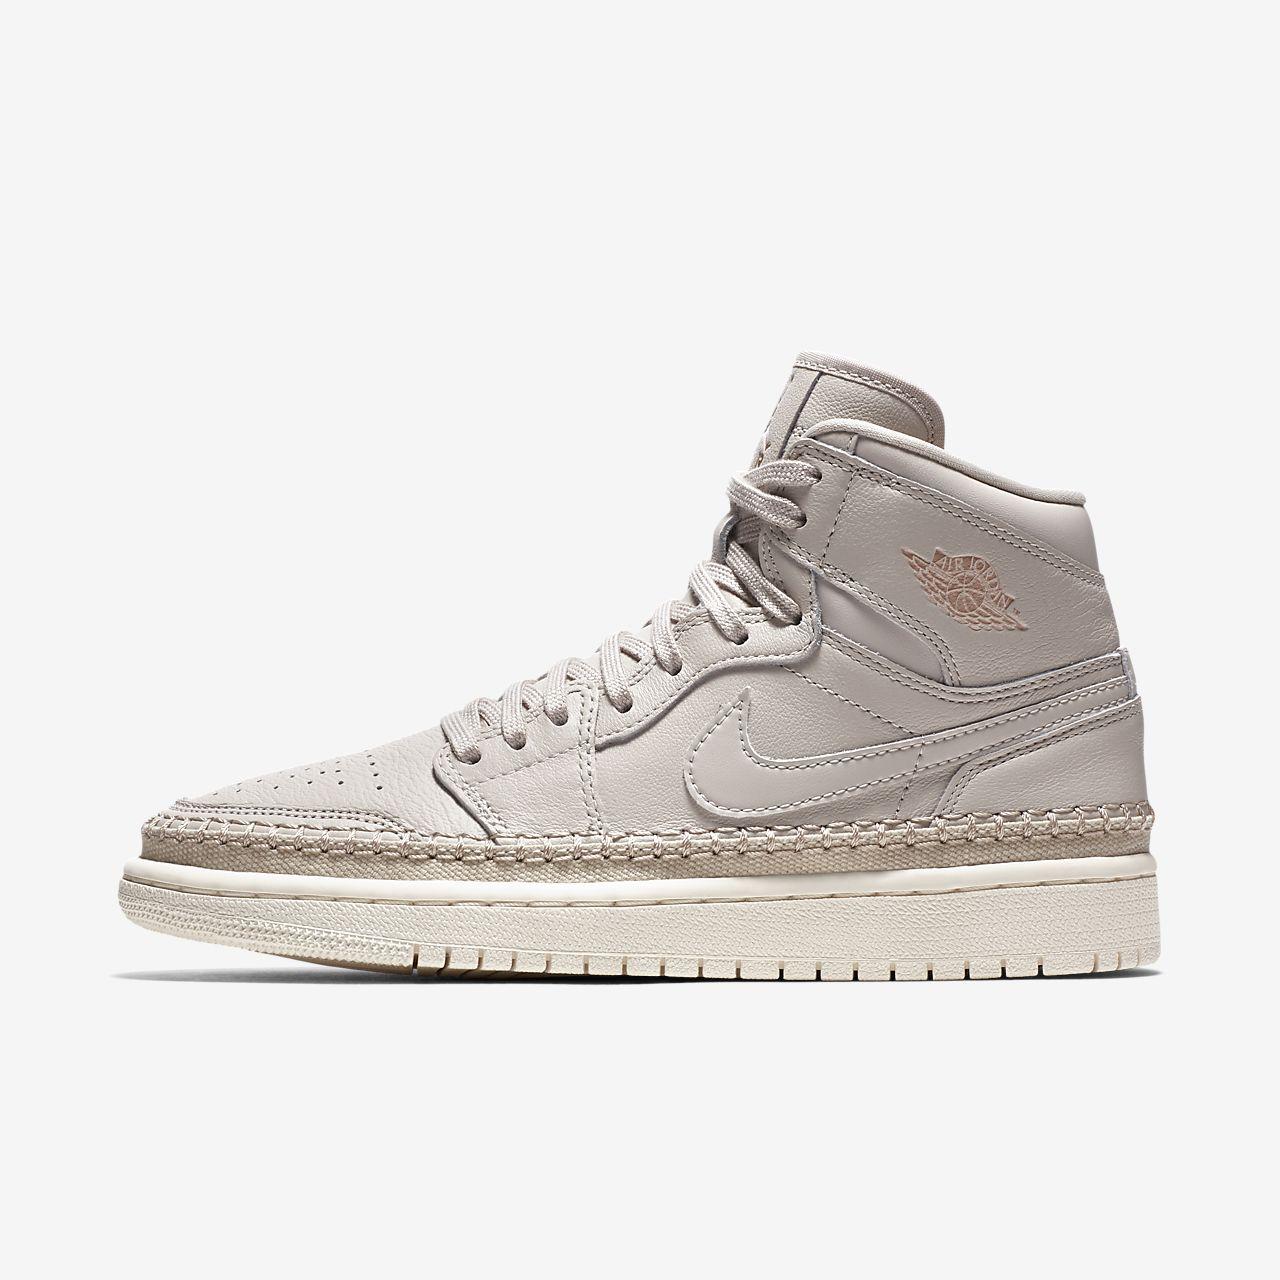 best authentic 62bab 2ec06 Nike Air Jordan 1 Retro High Premium